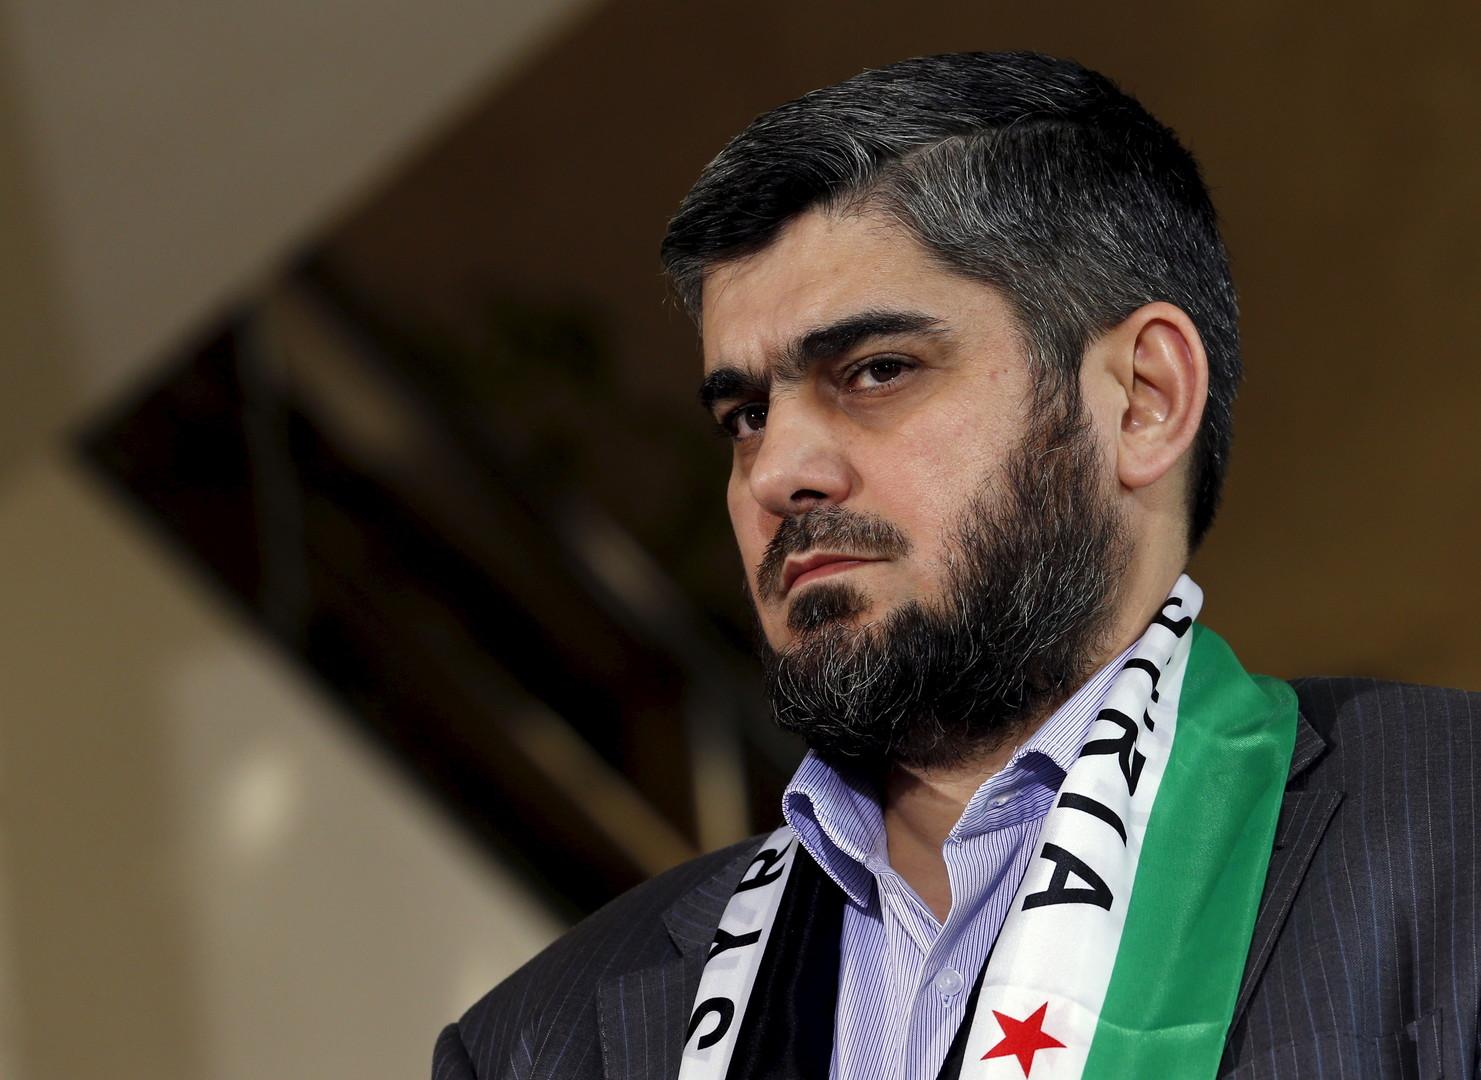 علوش  : معركة دمشق لا تعني نهاية المفاوضات